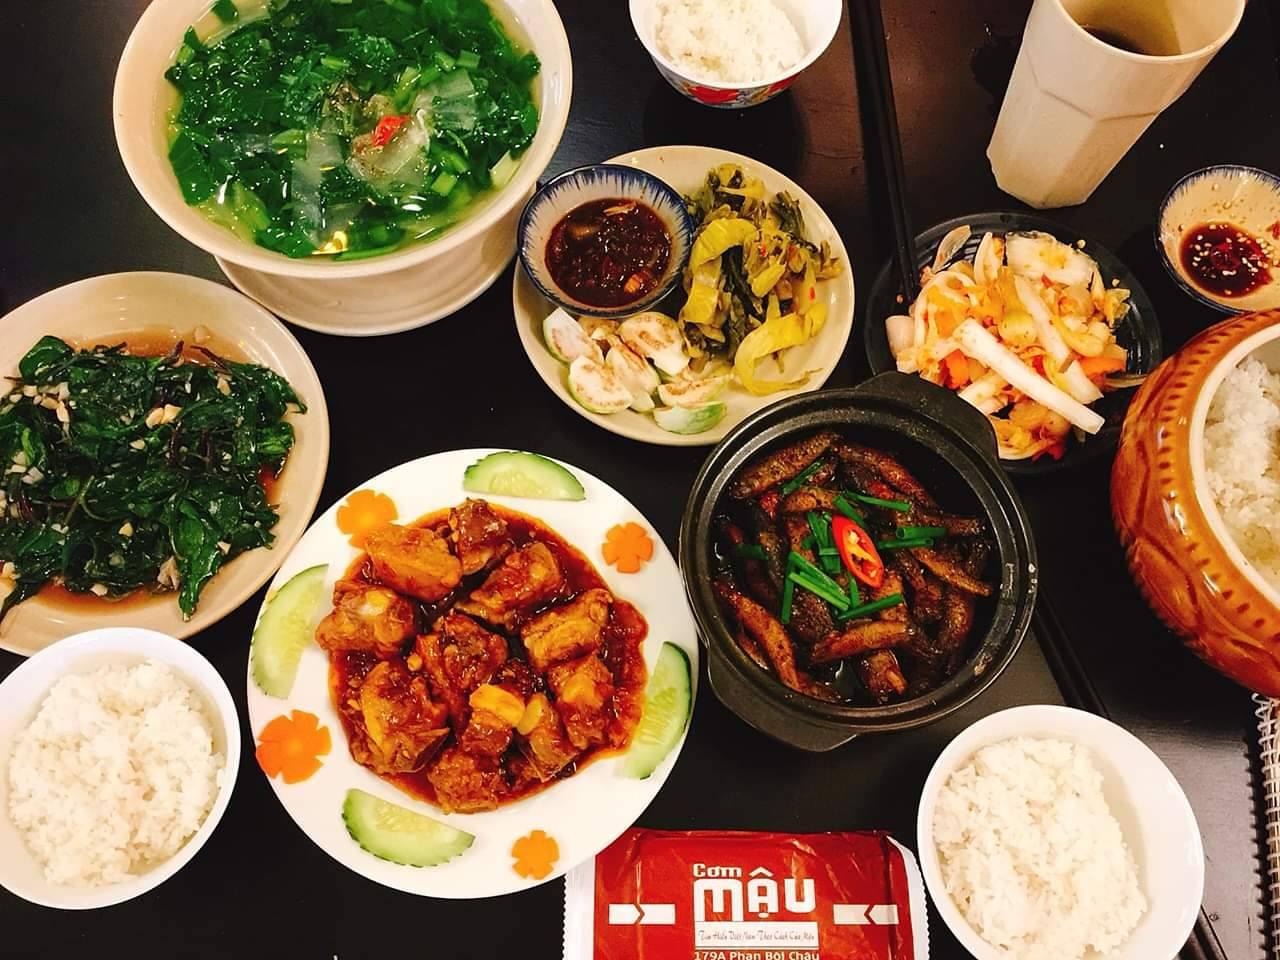 Một bữa ăn gia đình tại Cơm Mậu - Ảnh: Cơm Mậu